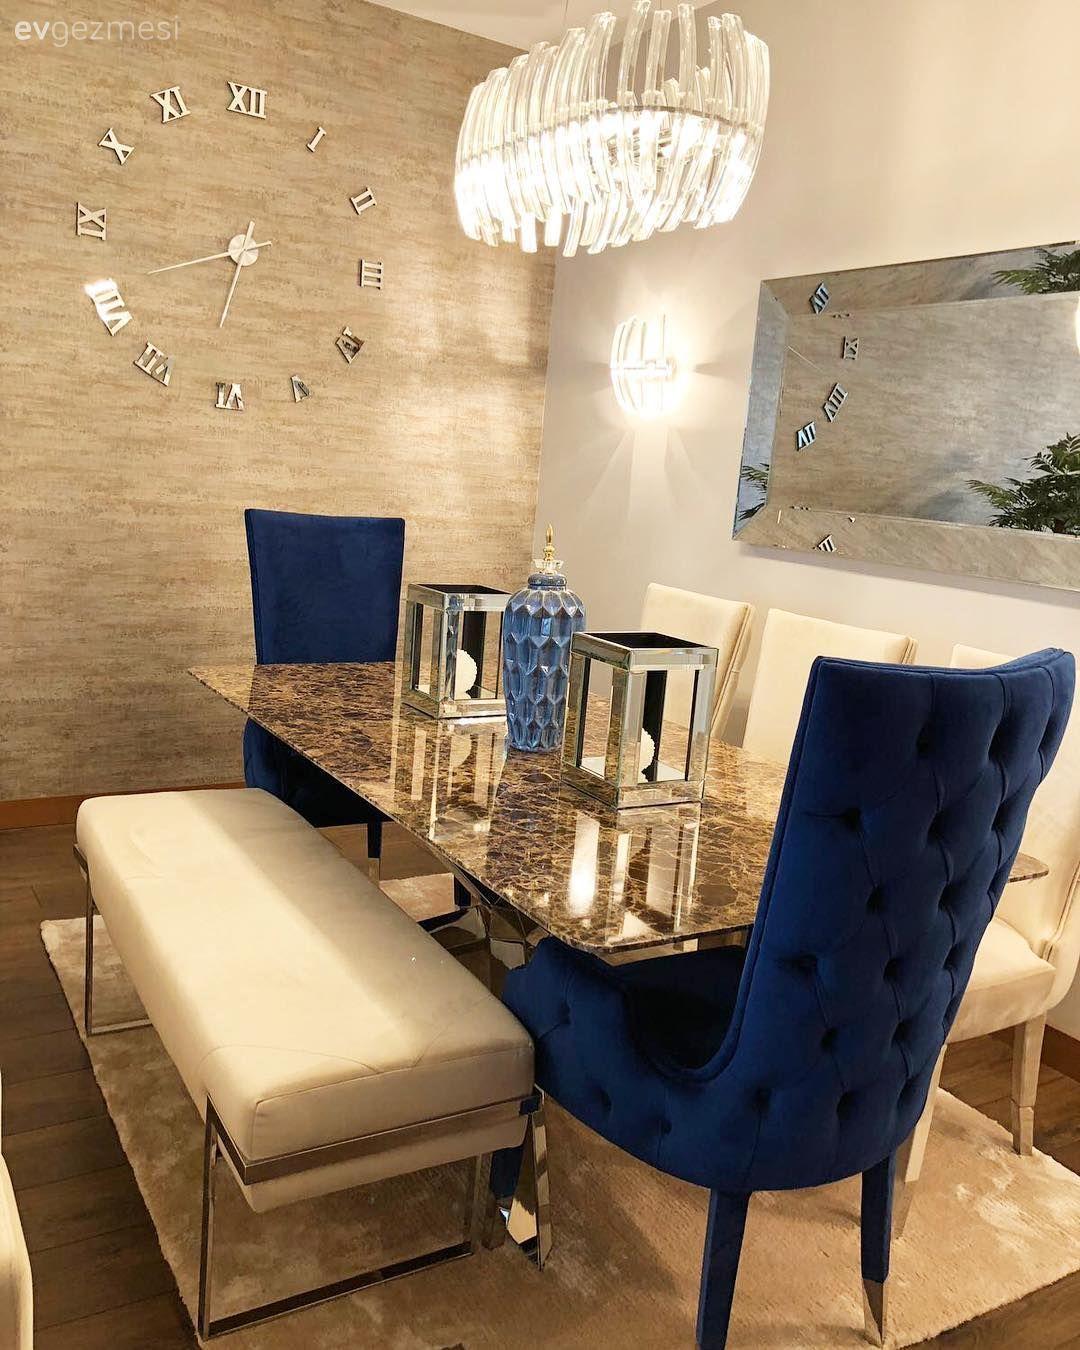 Aynalı mobilyalar, göz alıcı aksesuarlar.. Cazibe dolu bir salon dekoru.. | Ev Gezmesi